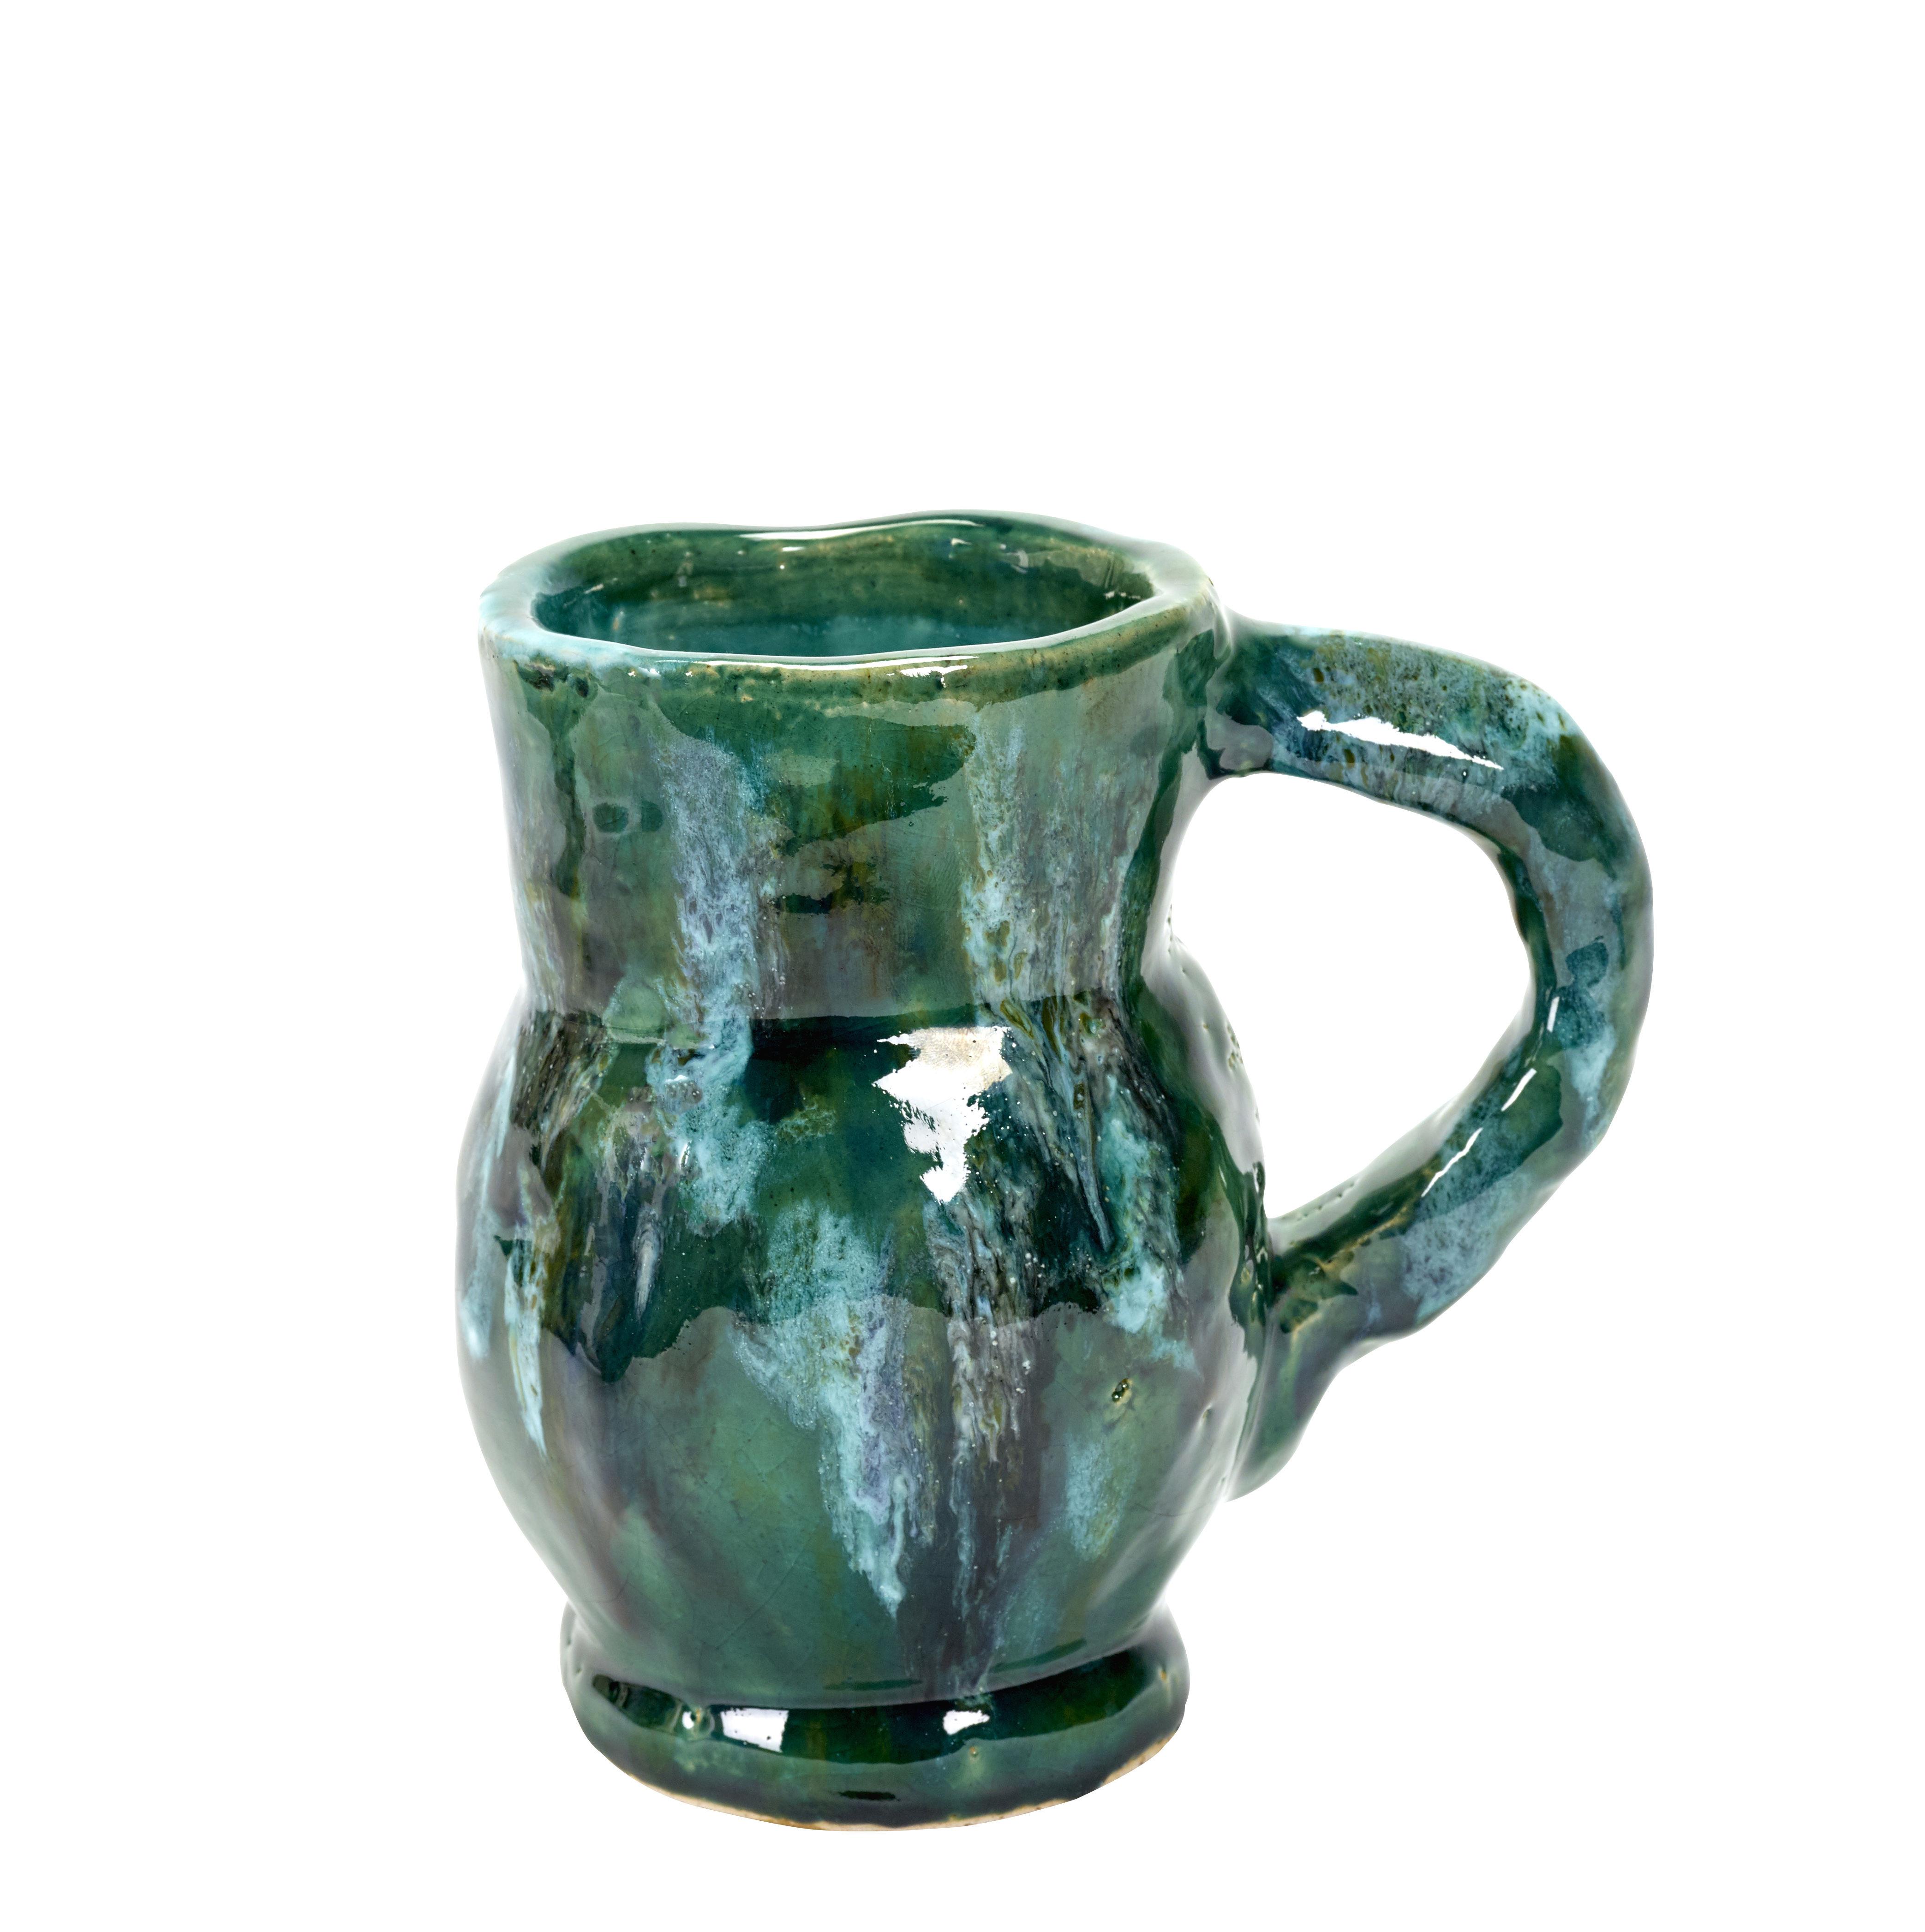 Déco - Vases - Vase Water / H 19 cm - Serax - Vert - Terre cuite émaillée